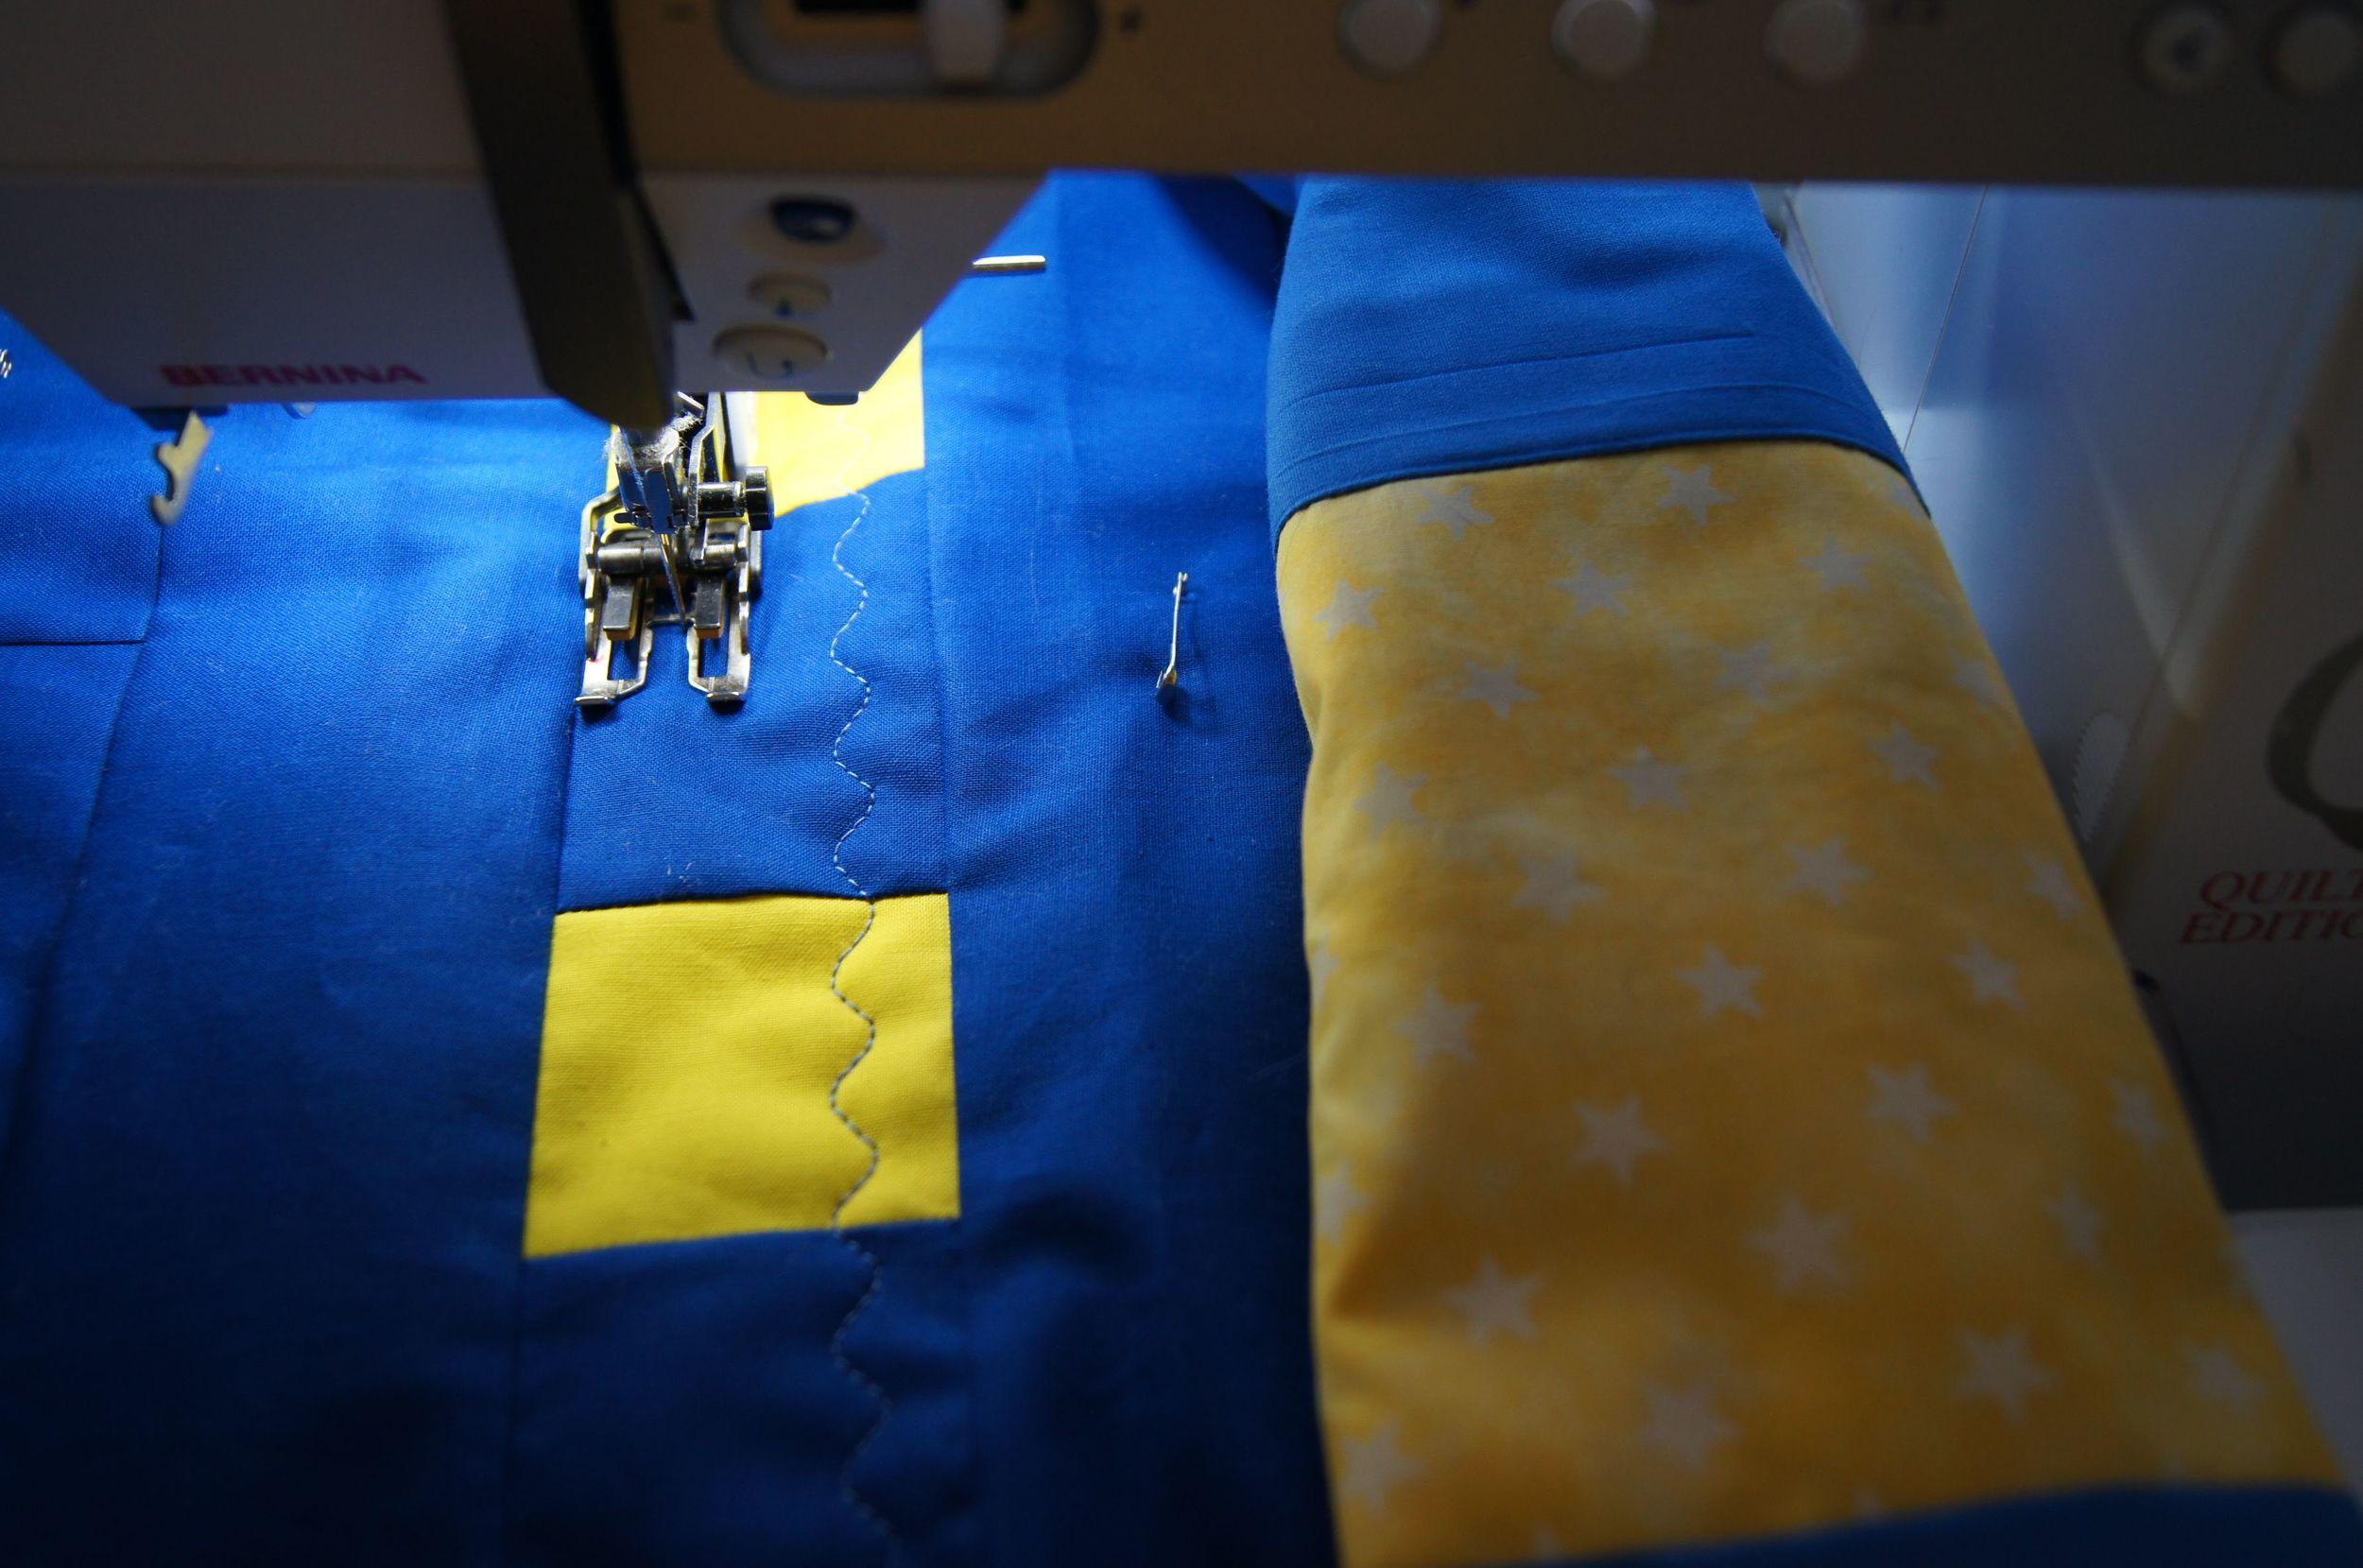 Quilting Serpentine stitch 1.jpg